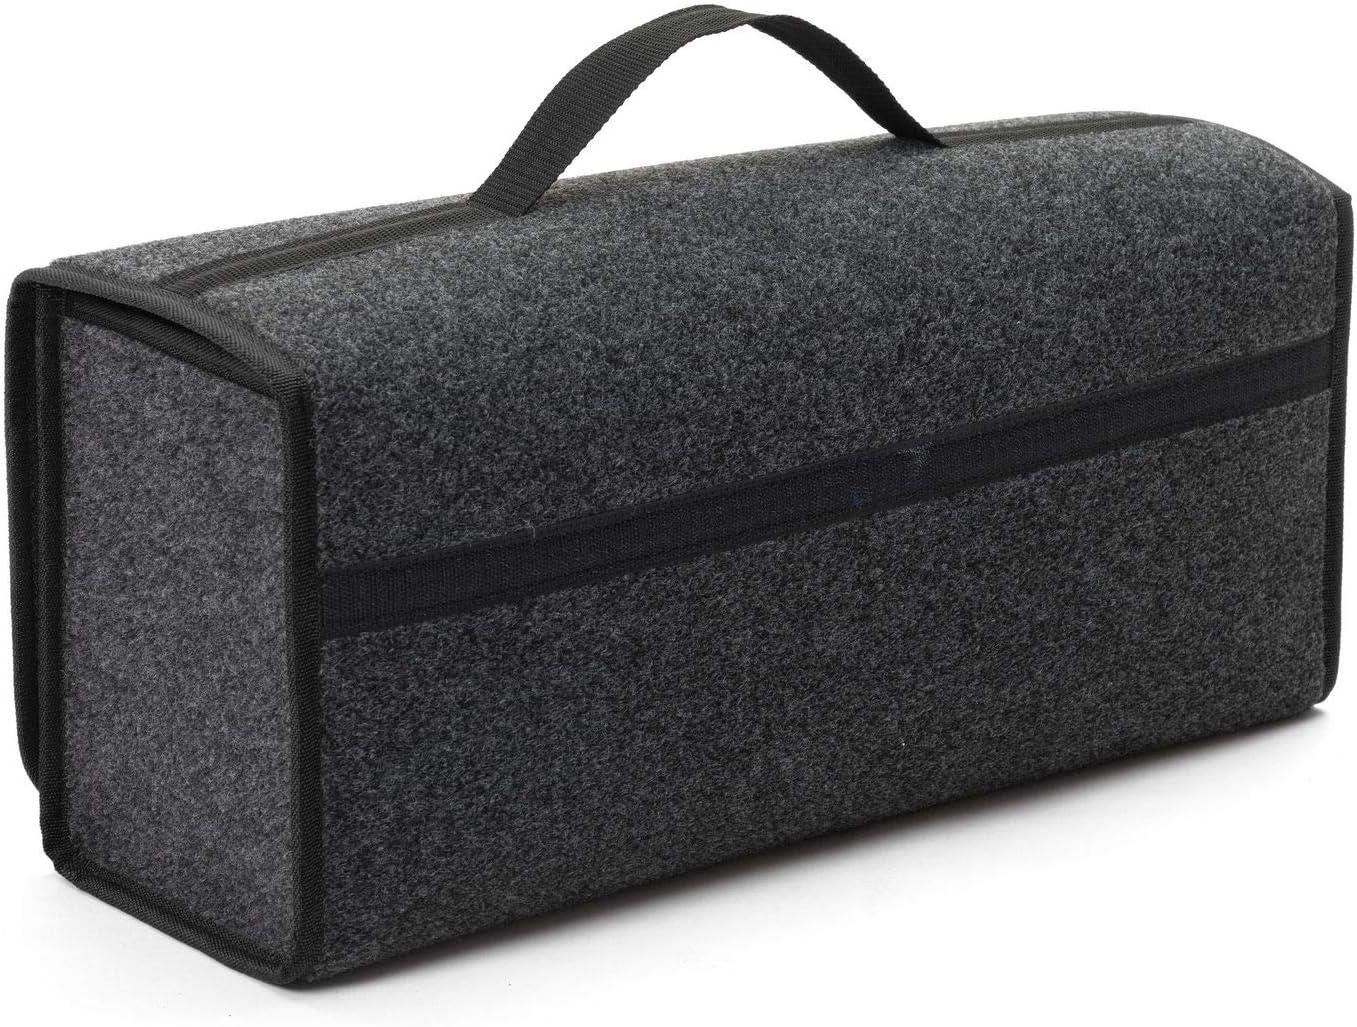 EJP F/ür A3 Kofferraumtasche Organizer Werkzeugtasche Autotasche Tragf/ähigkeit bis 20 kg in h/öchster Qualit/ät Versand ab Sofort. Farbe Grau mit schwarzen Lamellen